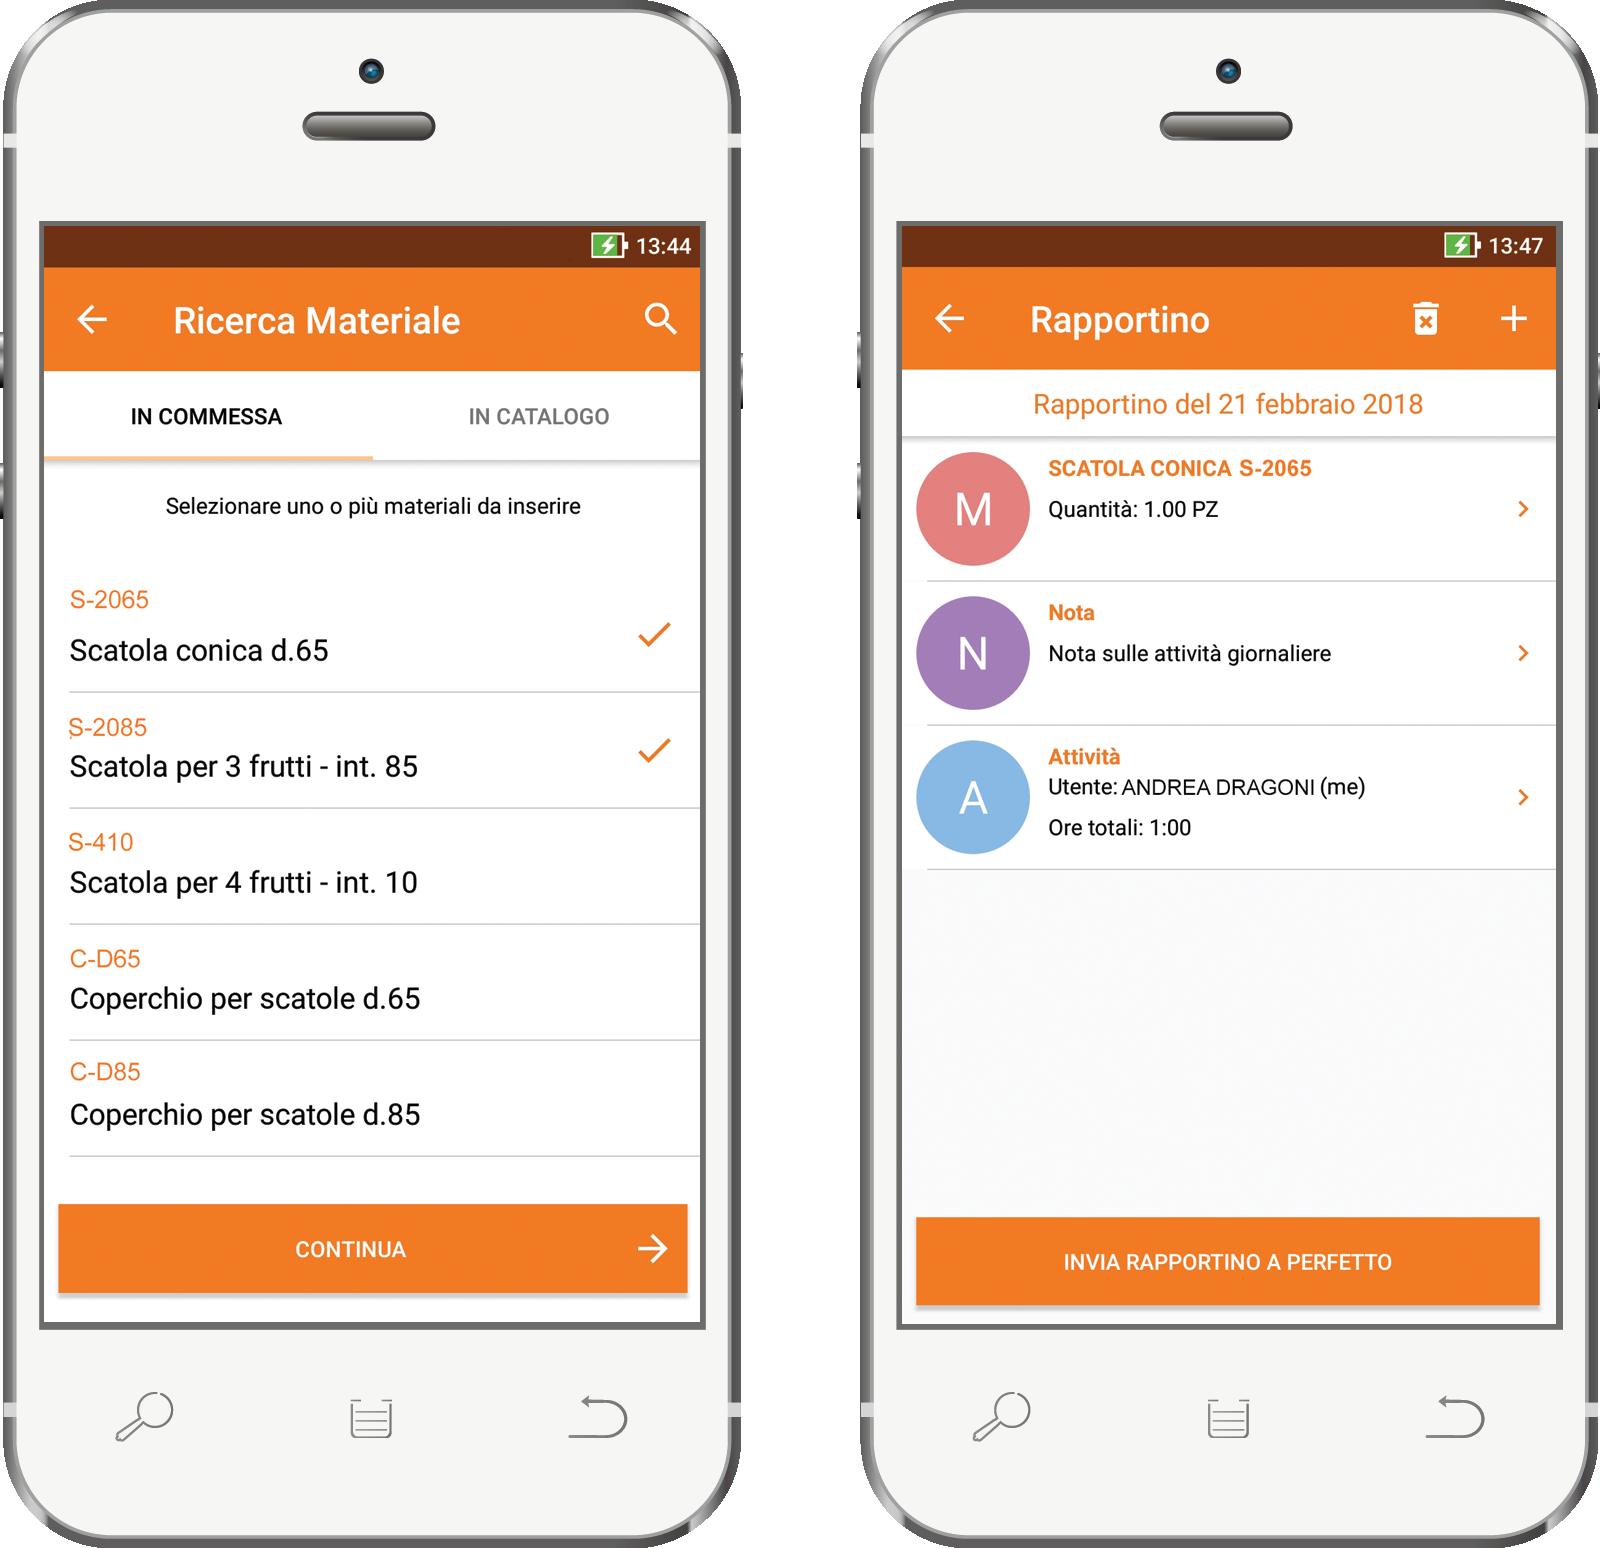 Perfetto app: rapportino da cantiere, controllo ovunque